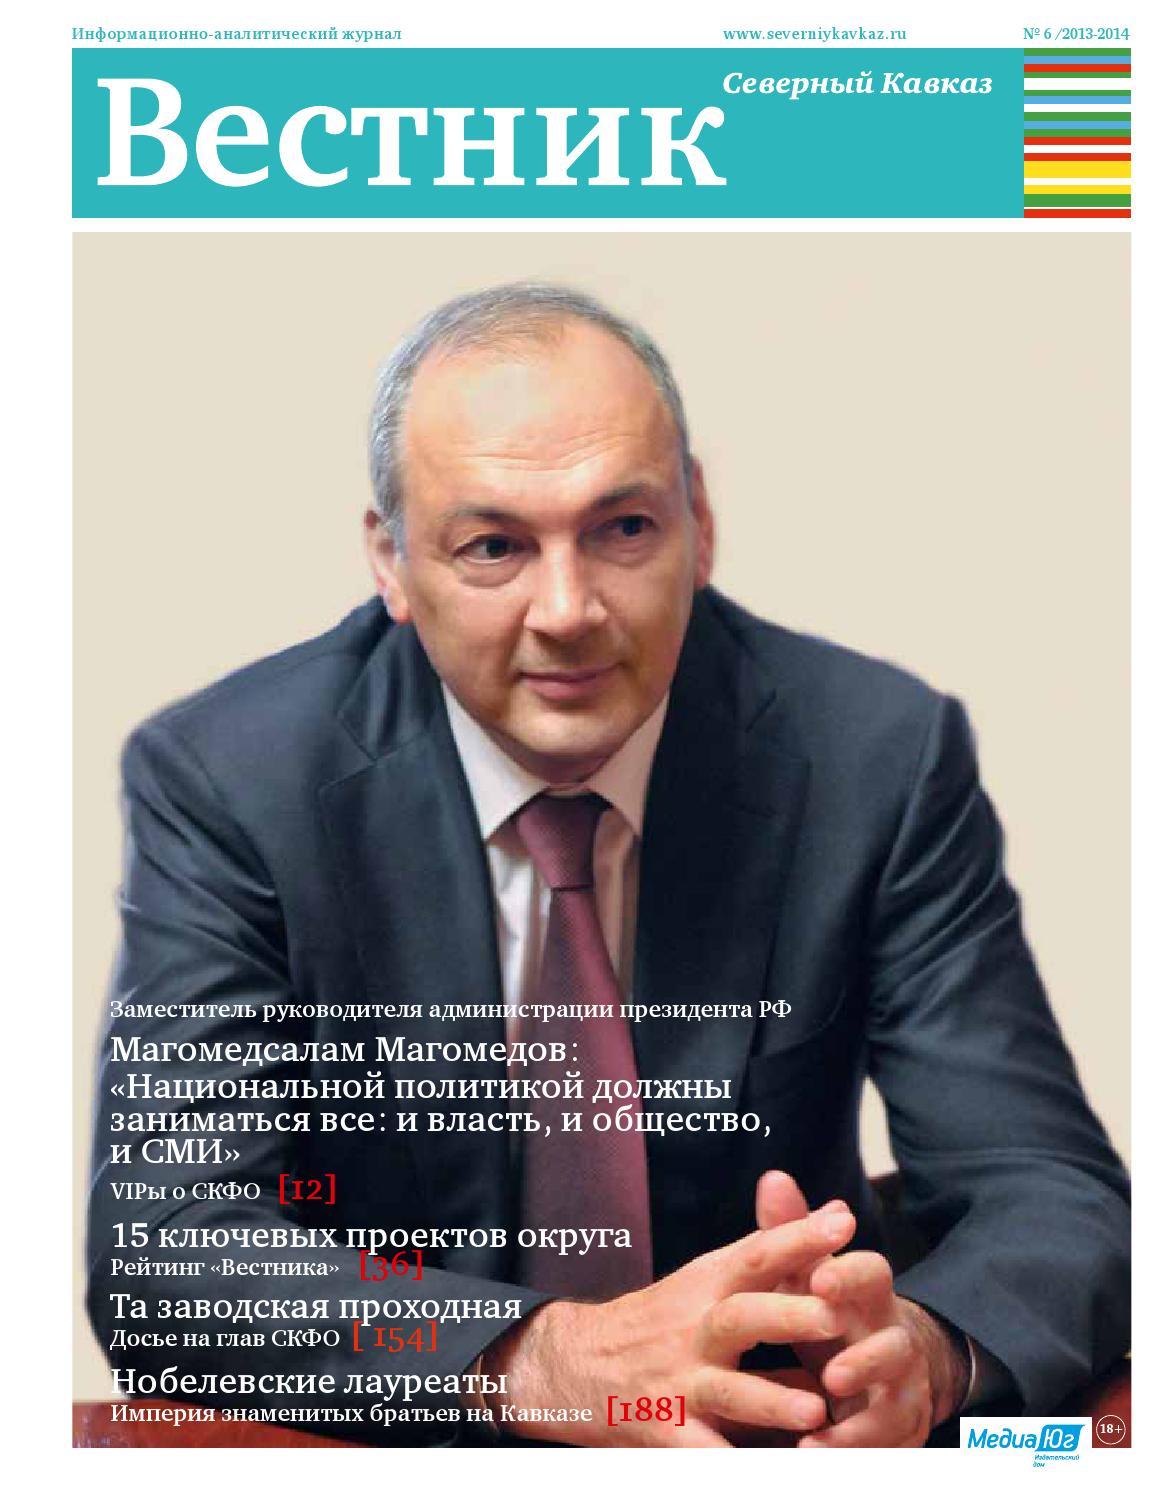 Vestnik Severniy Kavkaz  6-2013 by EuroMedia - issuu b4e2f176bff